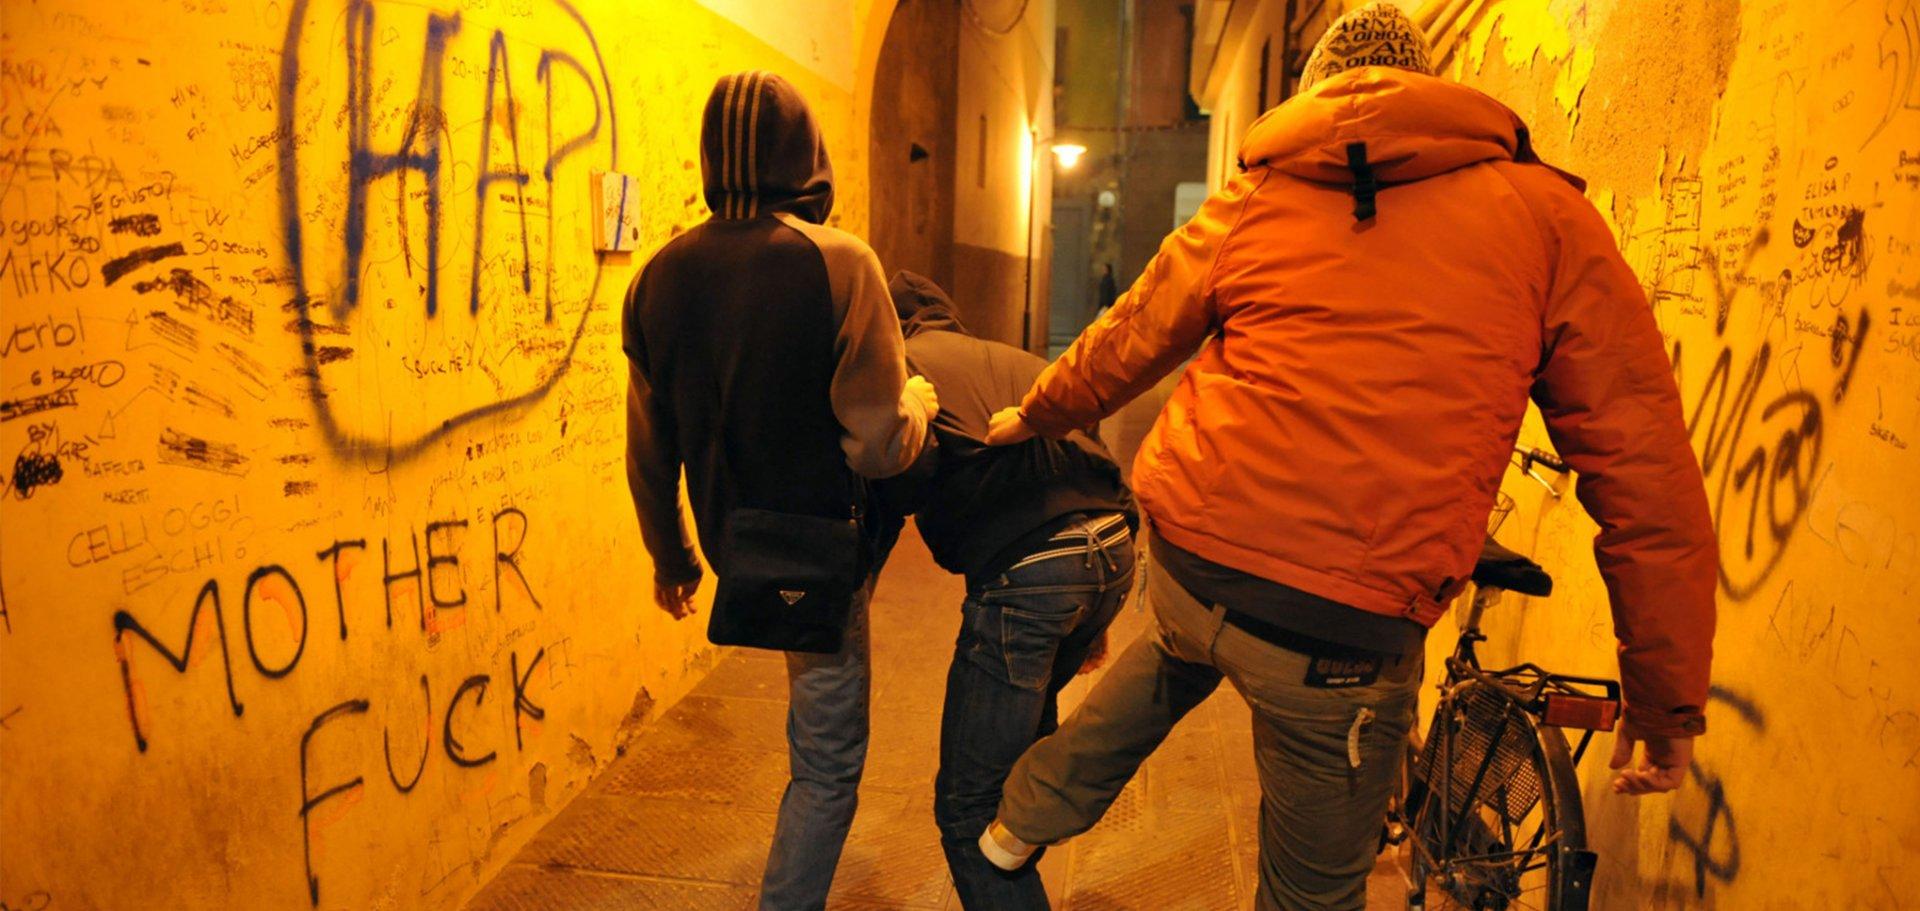 Risse e violenza tra adolescenti e giovani: segnali di un disagio psicologico da non sottovalutare